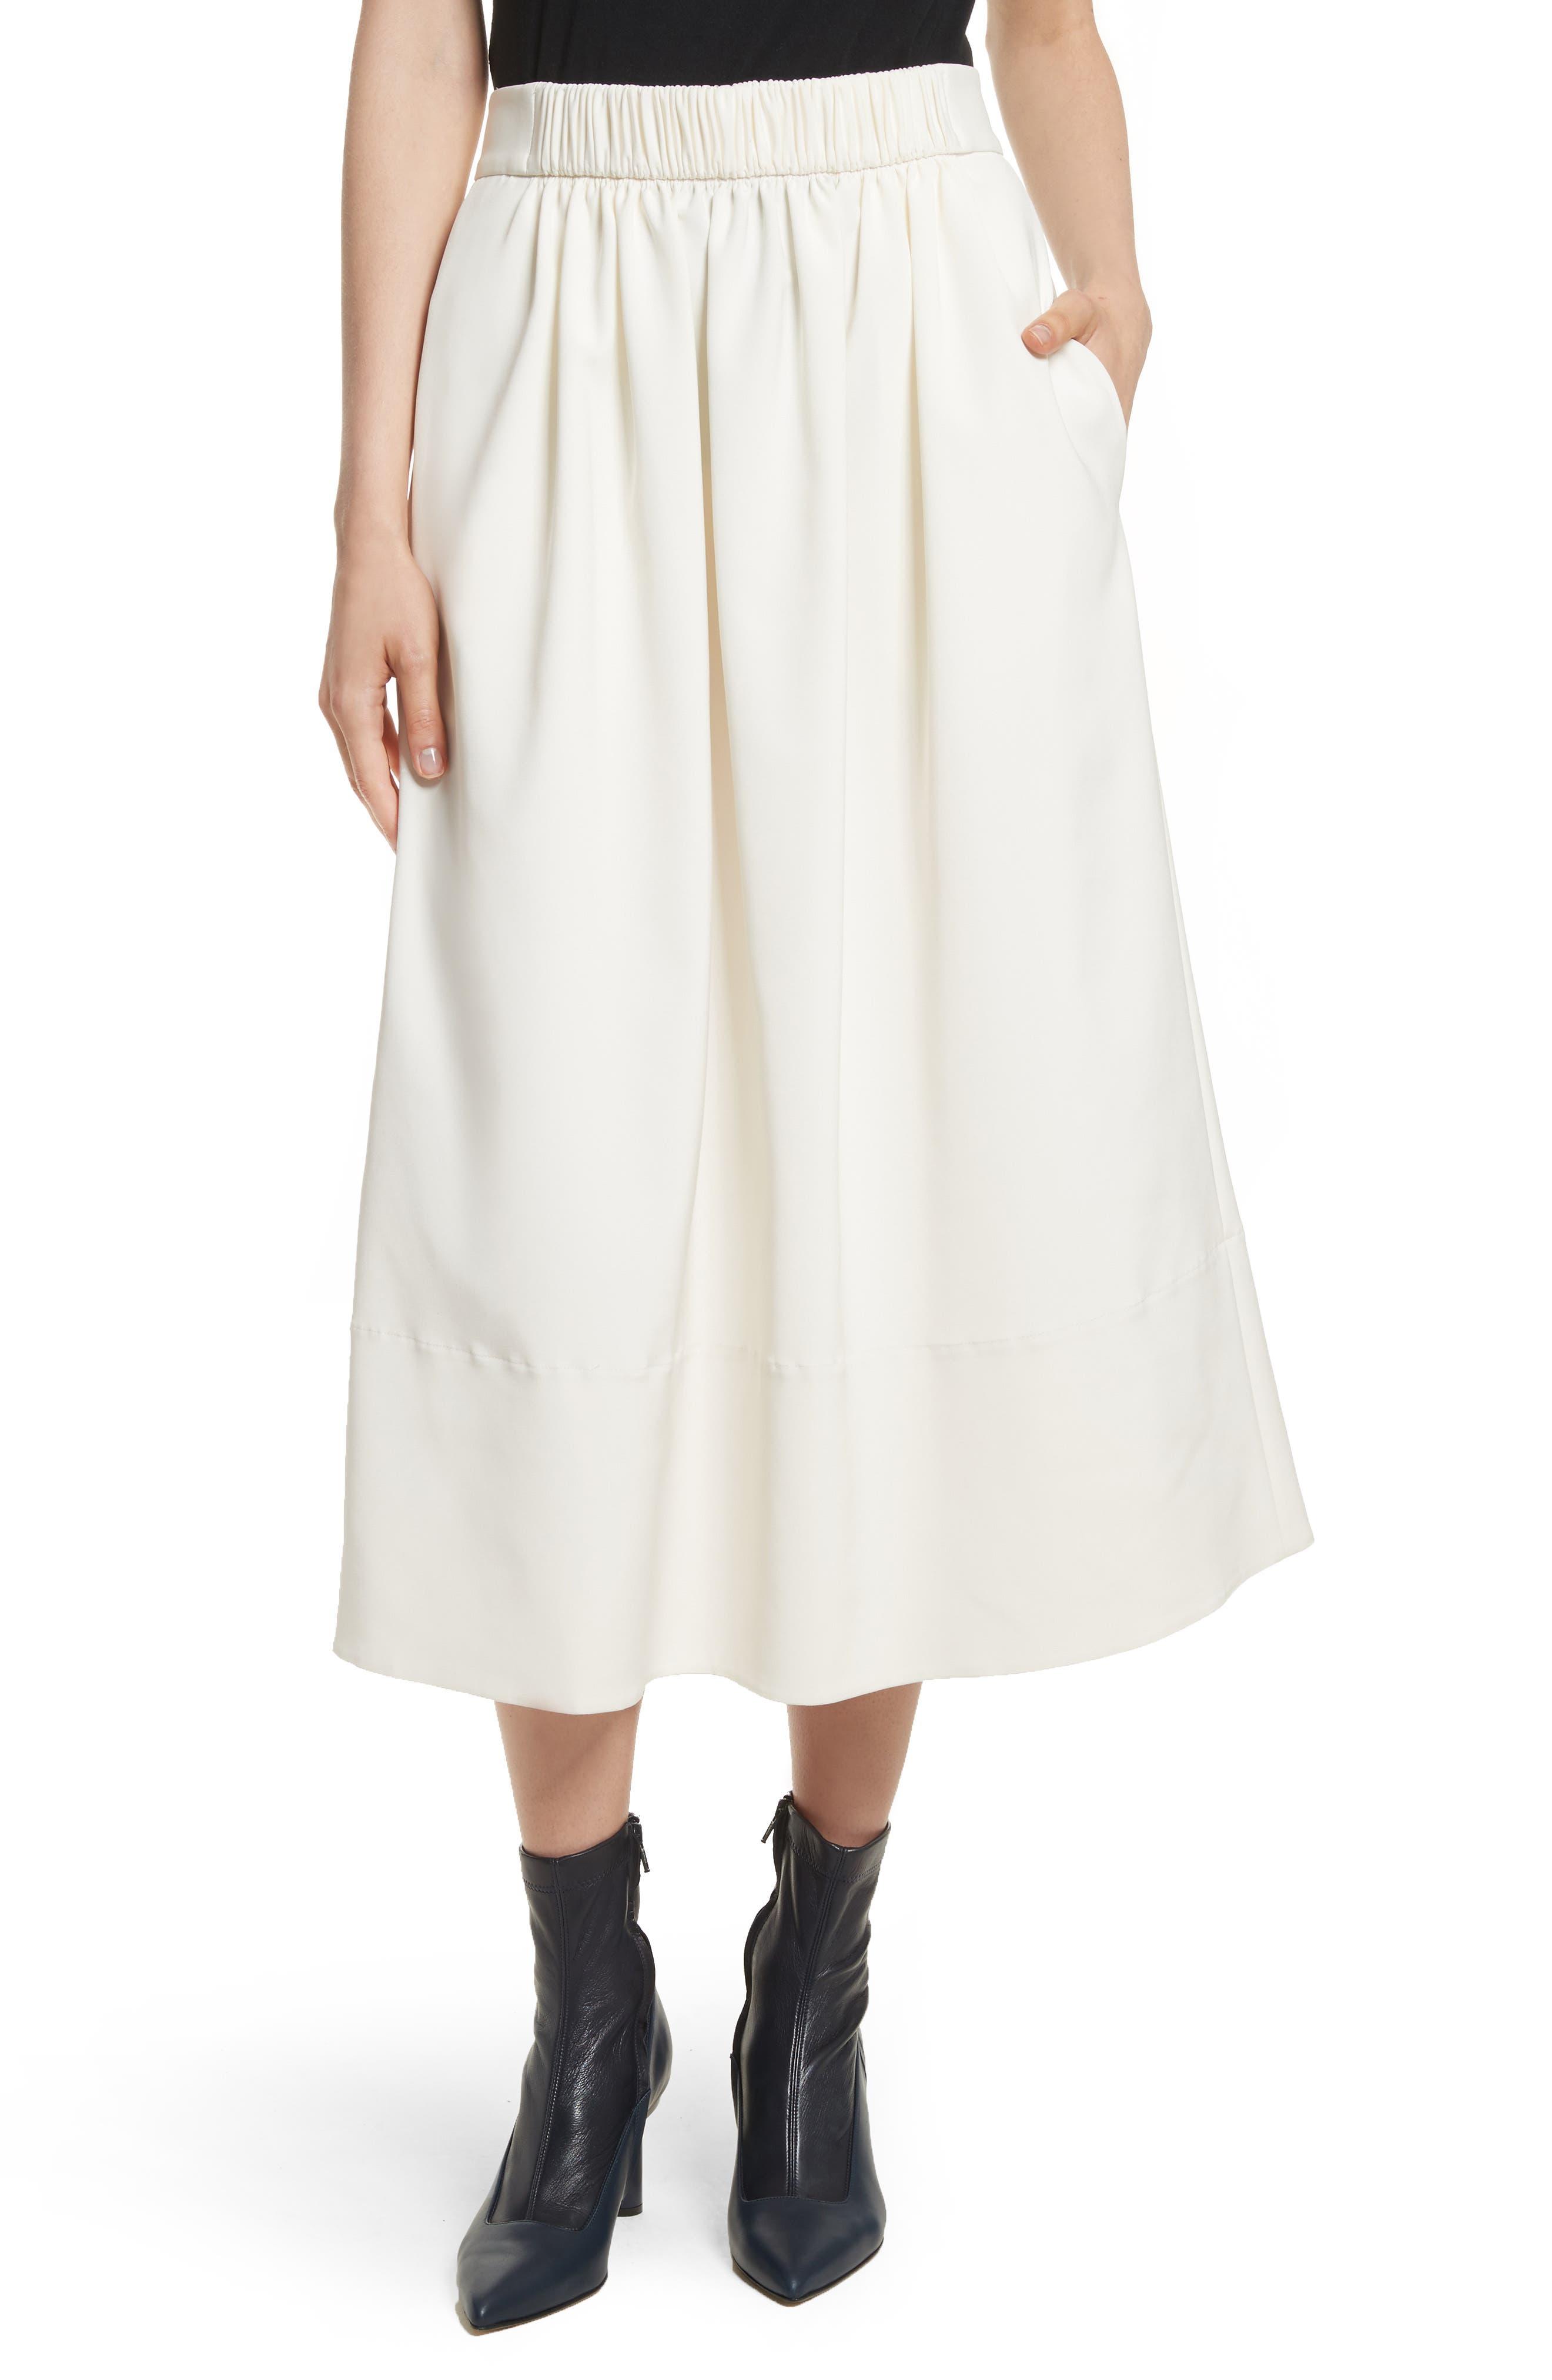 Alternate Image 1 Selected - Tibi Stretch Faille Full Midi Skirt